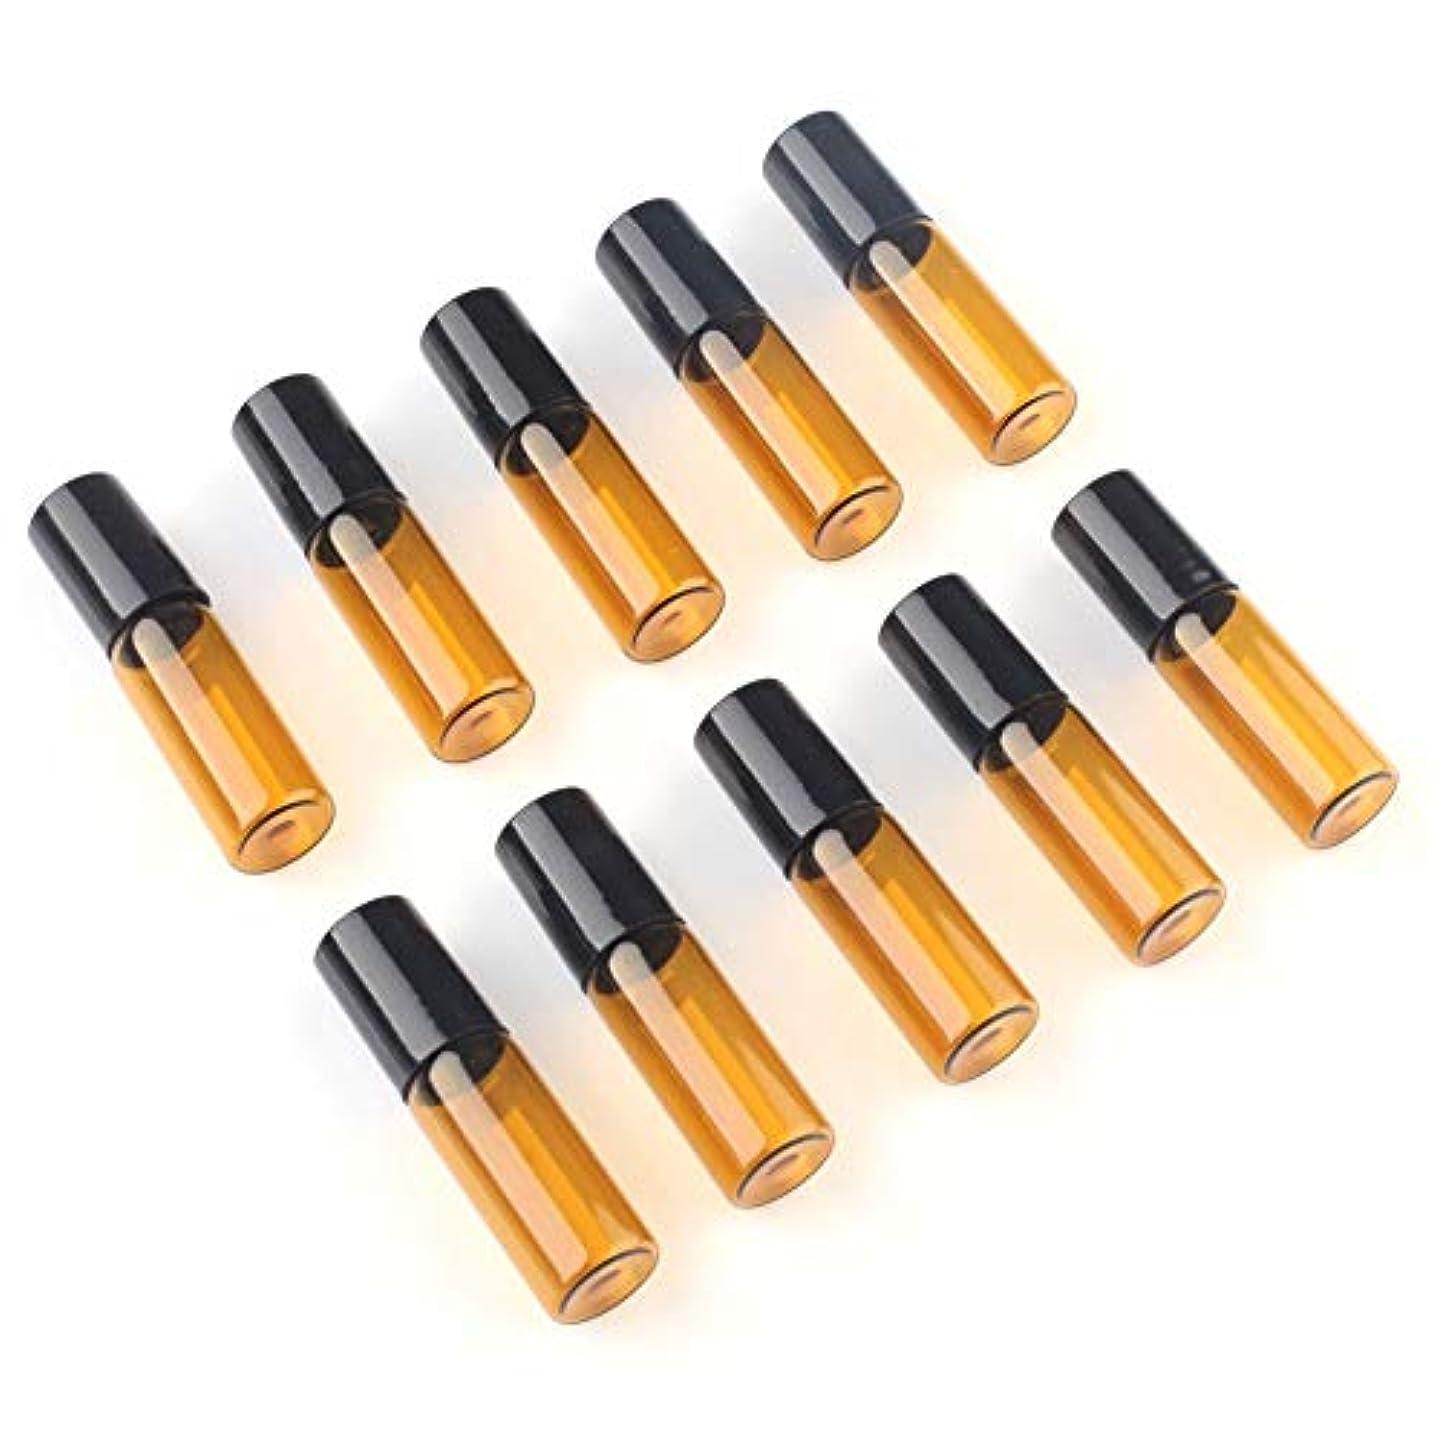 アロマオイル 精油 小分け用 遮光瓶 10本セット (5ml)